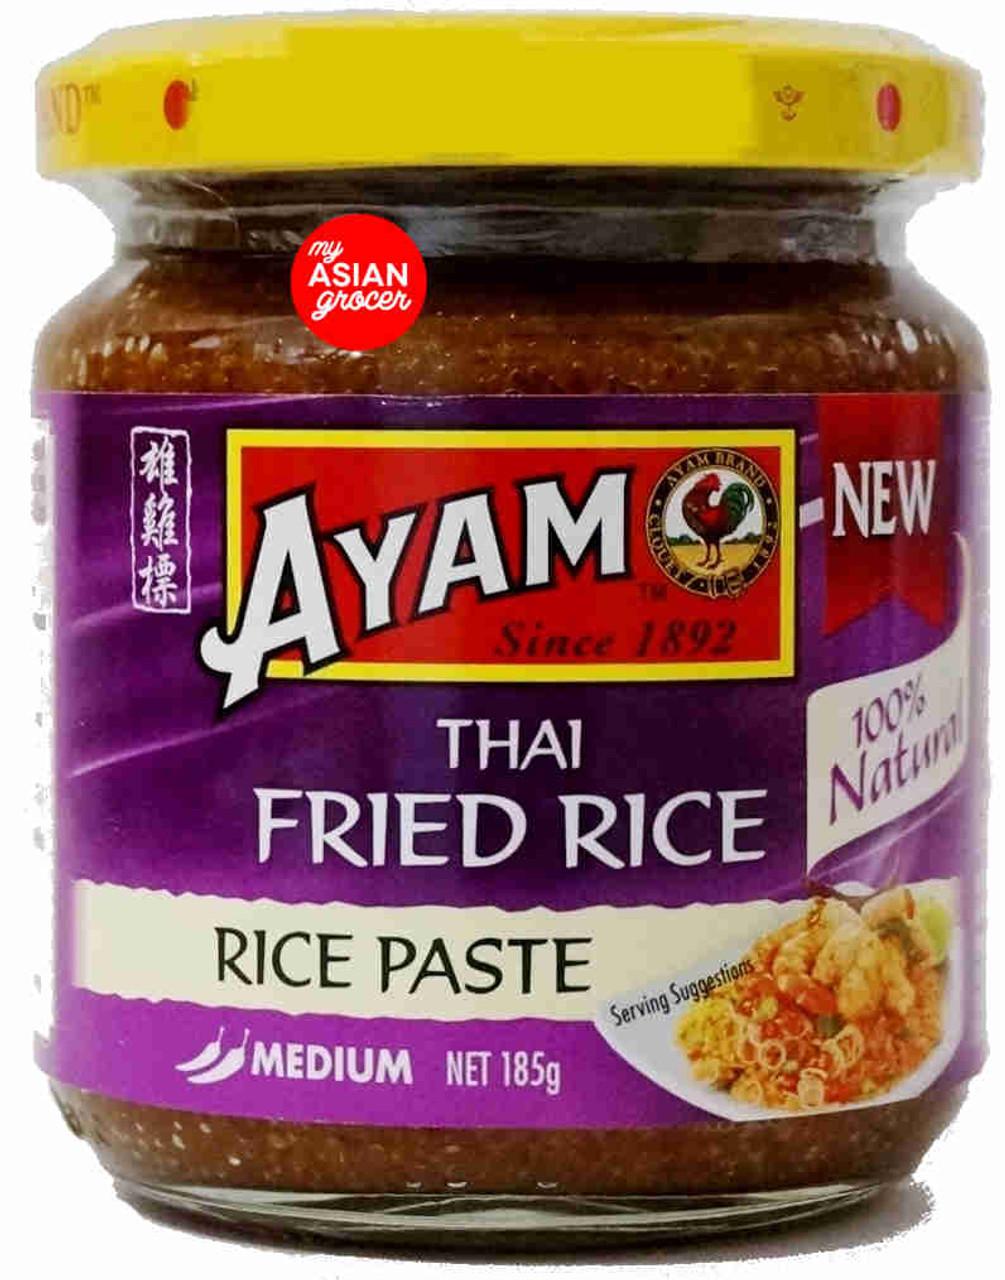 Ayam Thai Fried Rice Rice Paste 185g